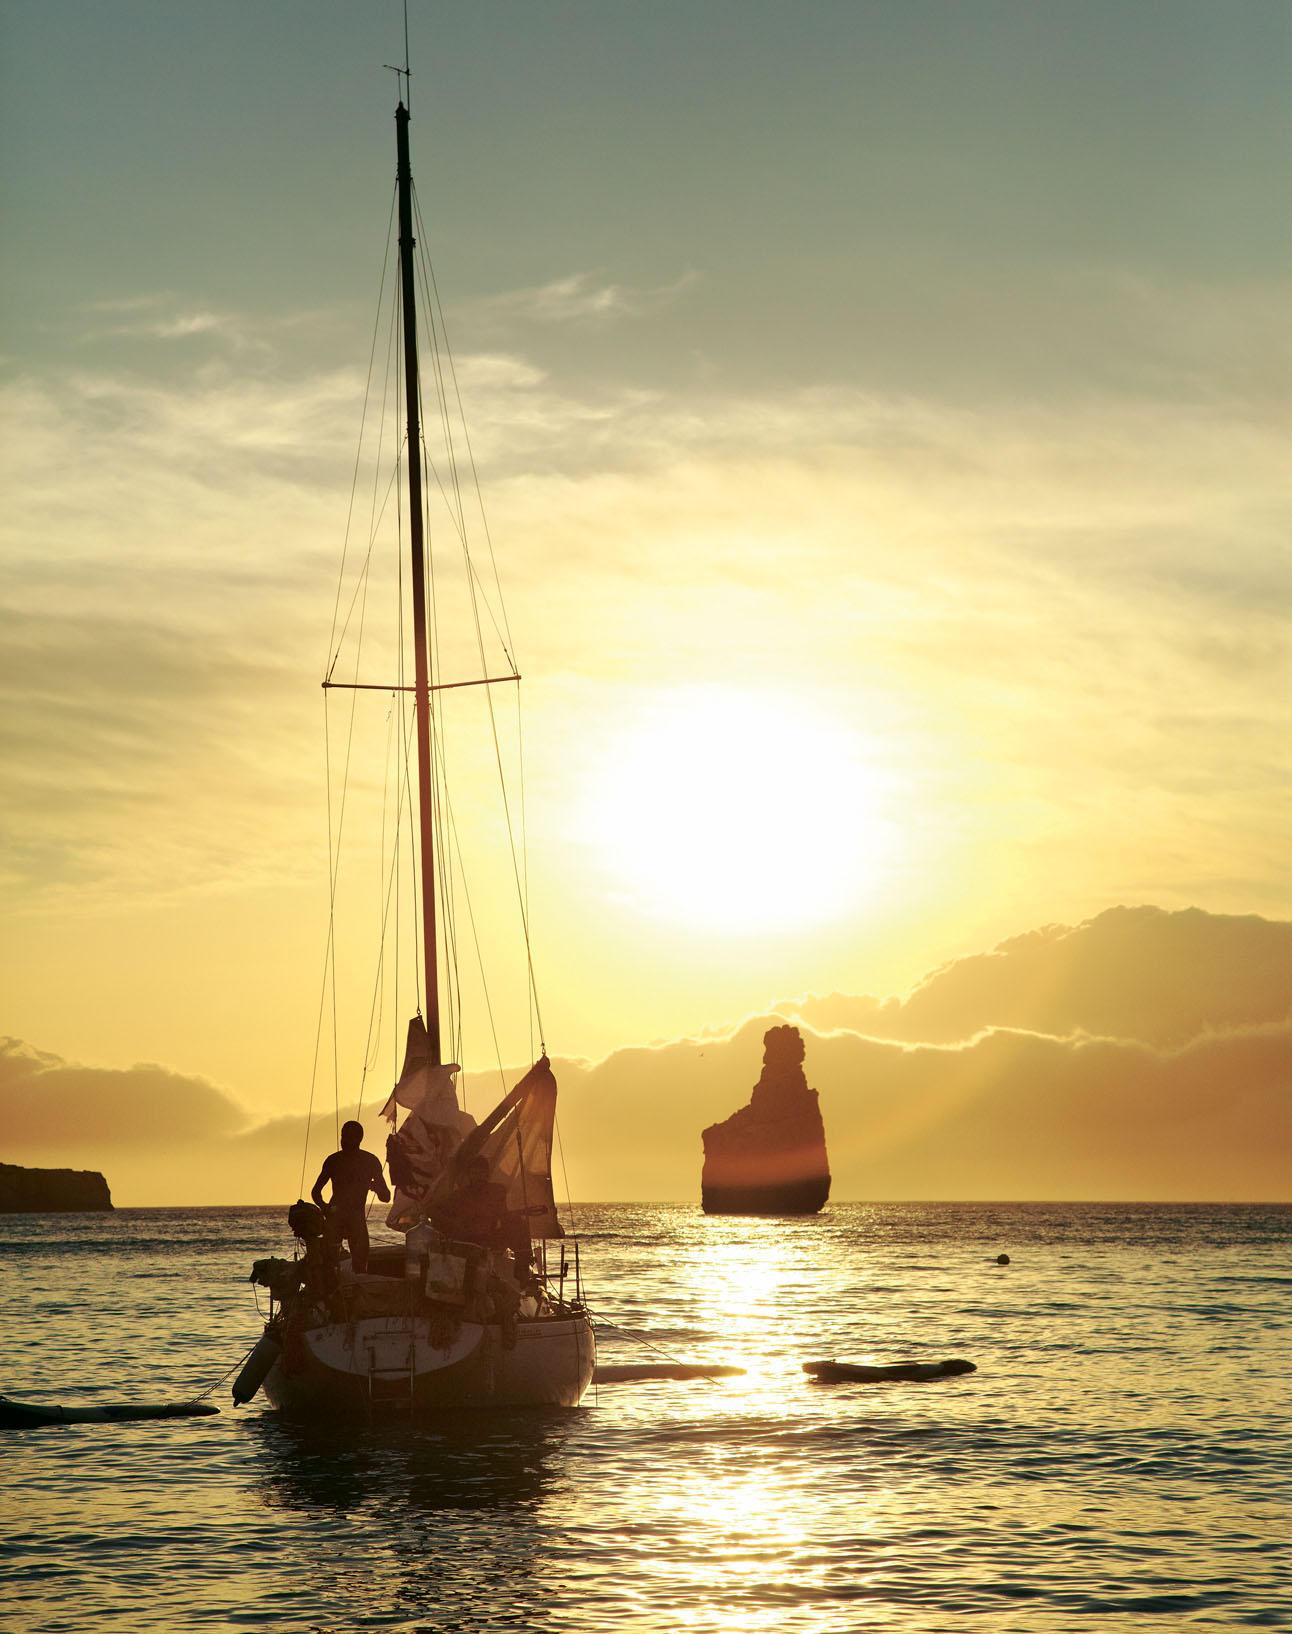 Der Sonnenuntergang von Benirras ist legendär.